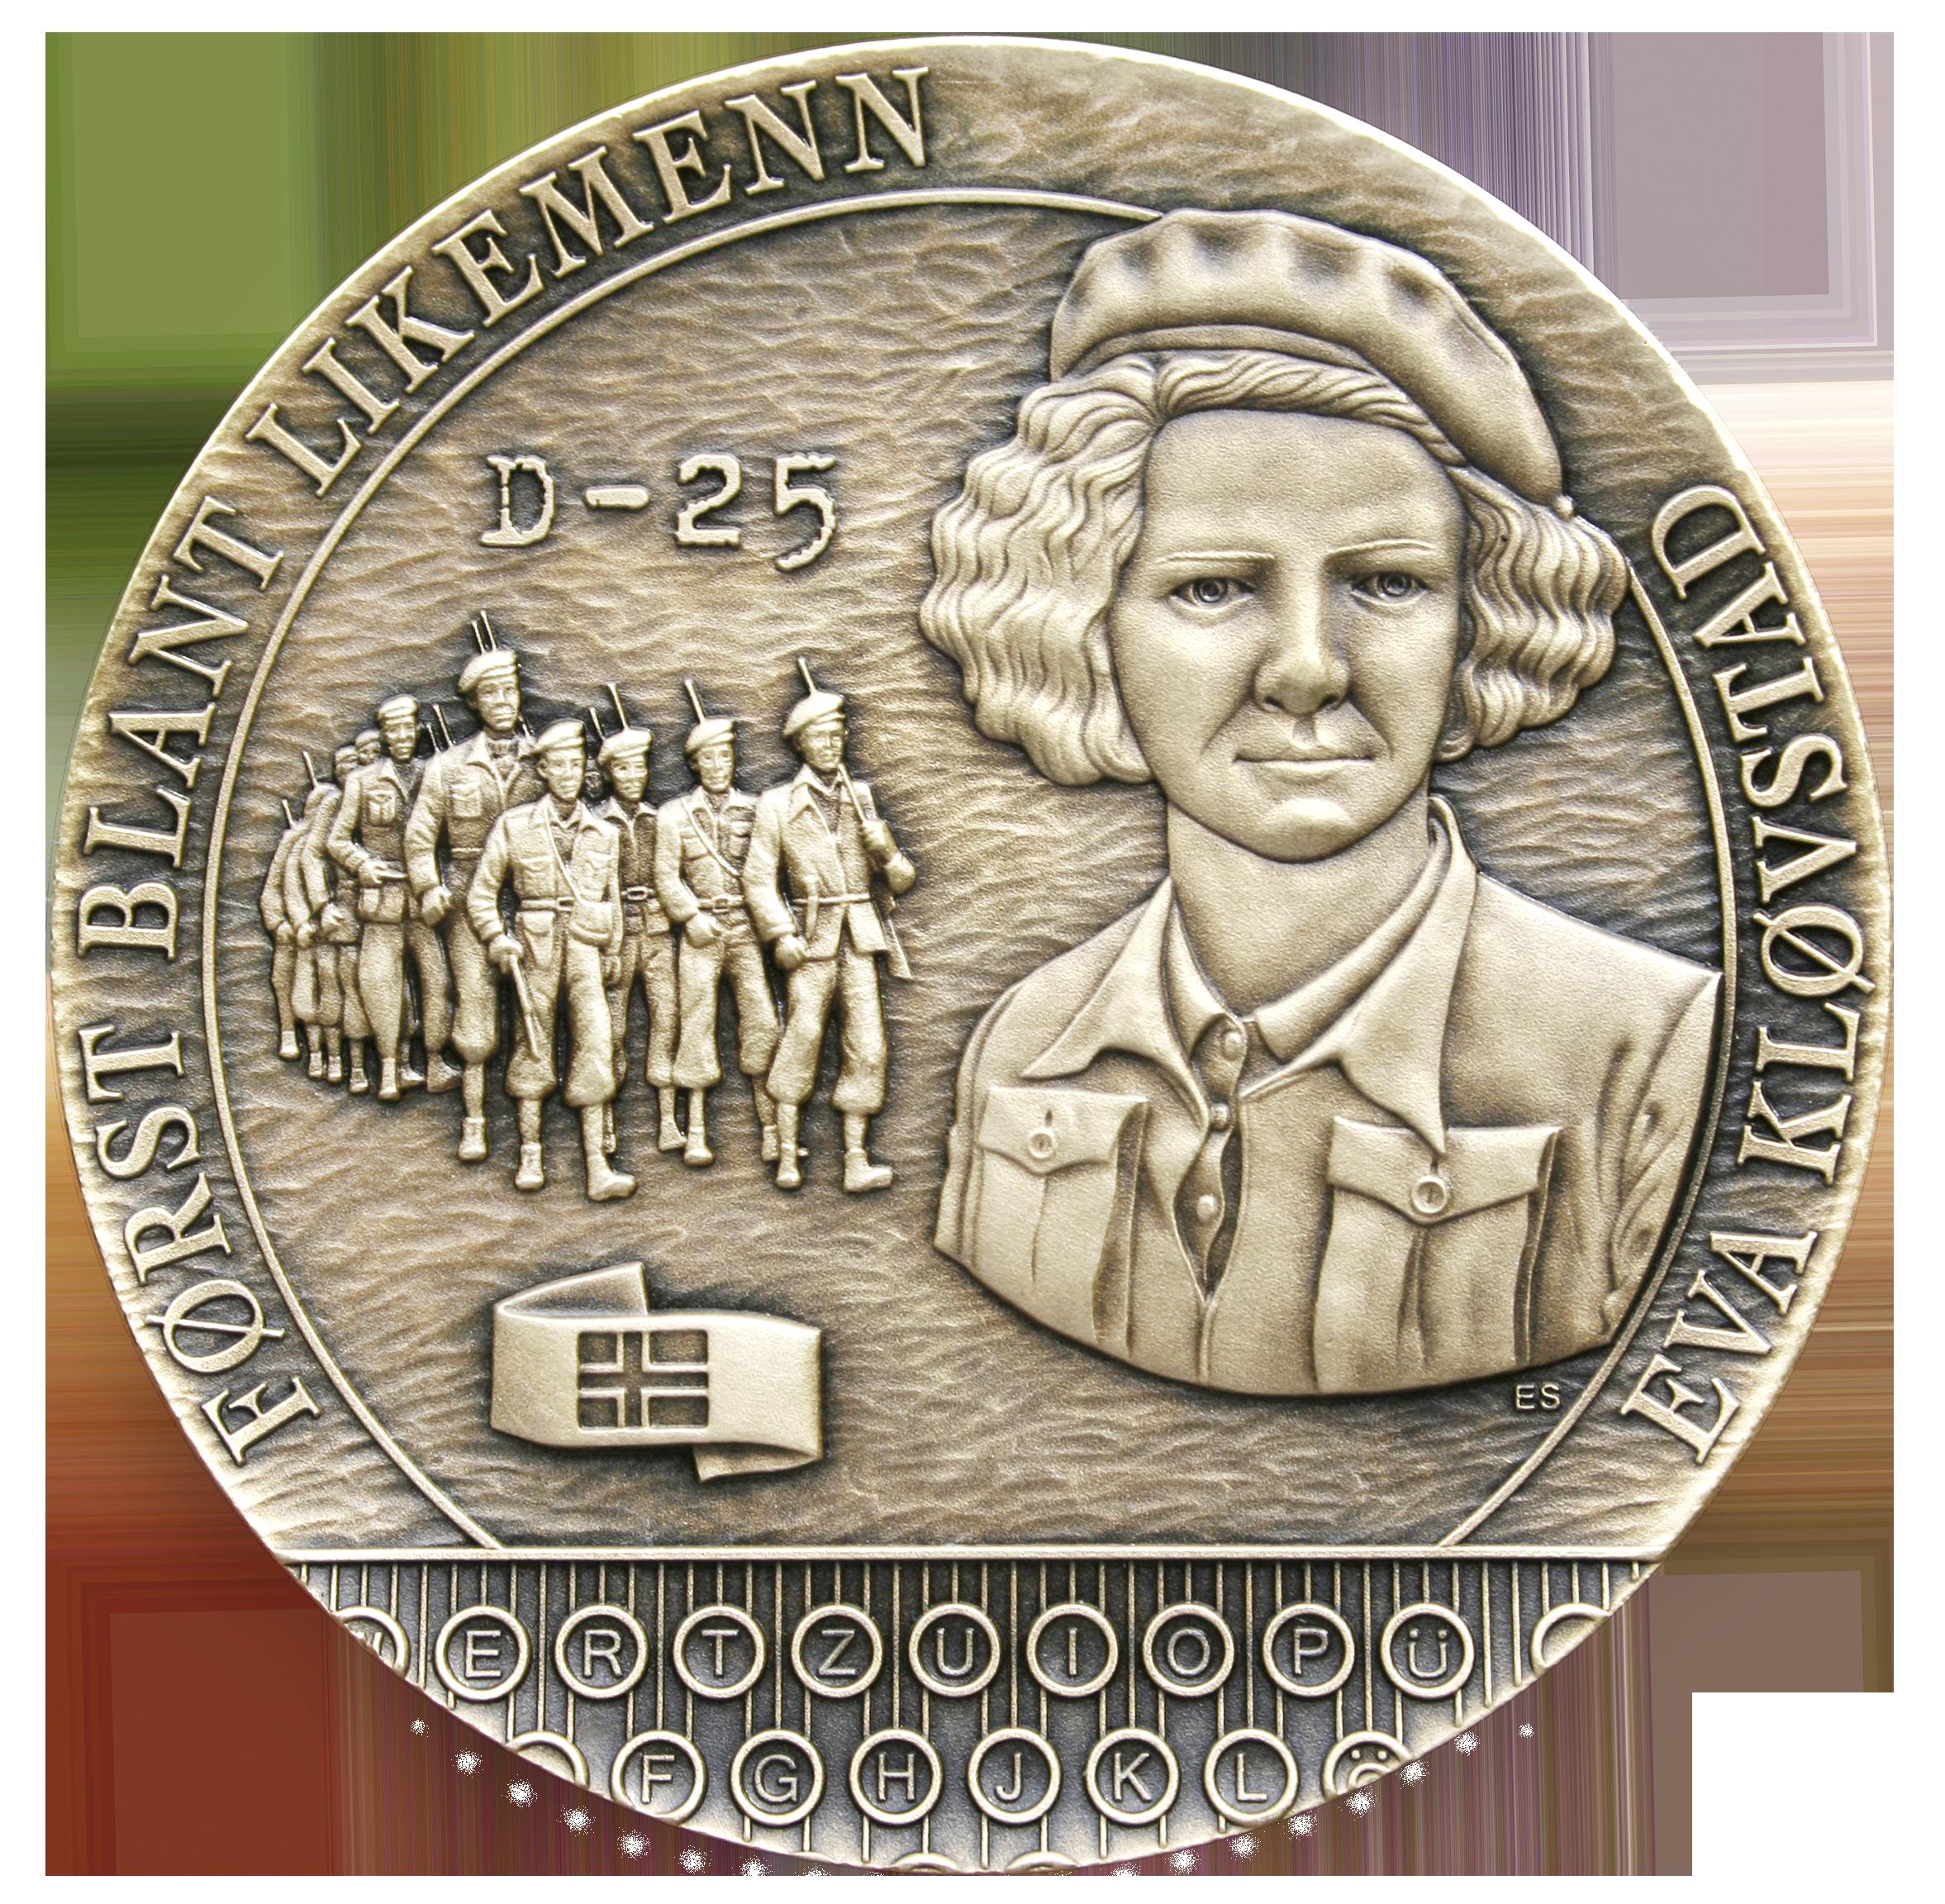 Eva Kløvstad Først blant likemenn D 25 soldater på to rekker medalje tastatur